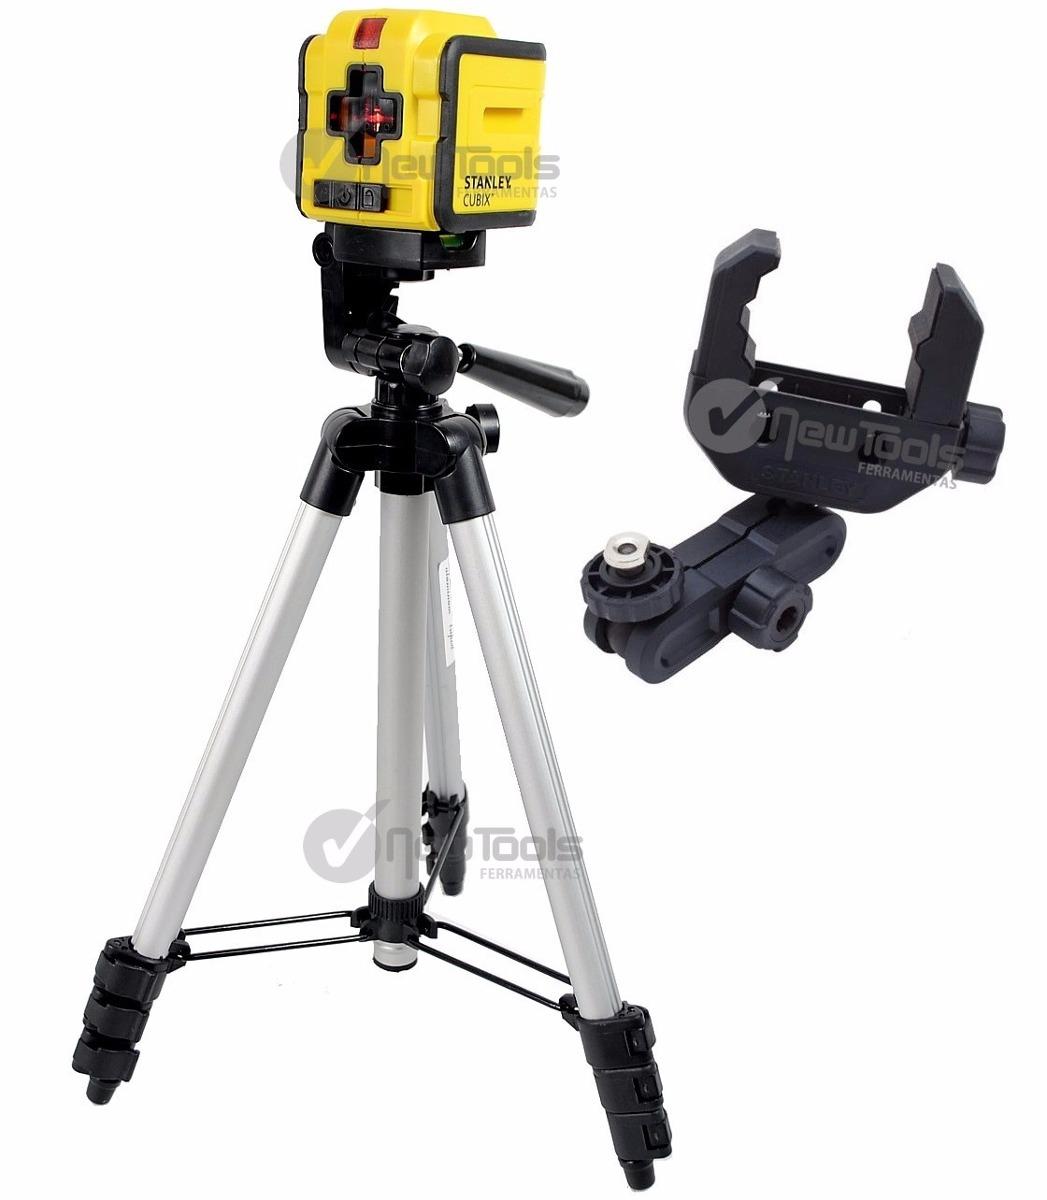 Nivel laser stanley cubix stht77340 tripe 1m - Nivel laser stanley ...